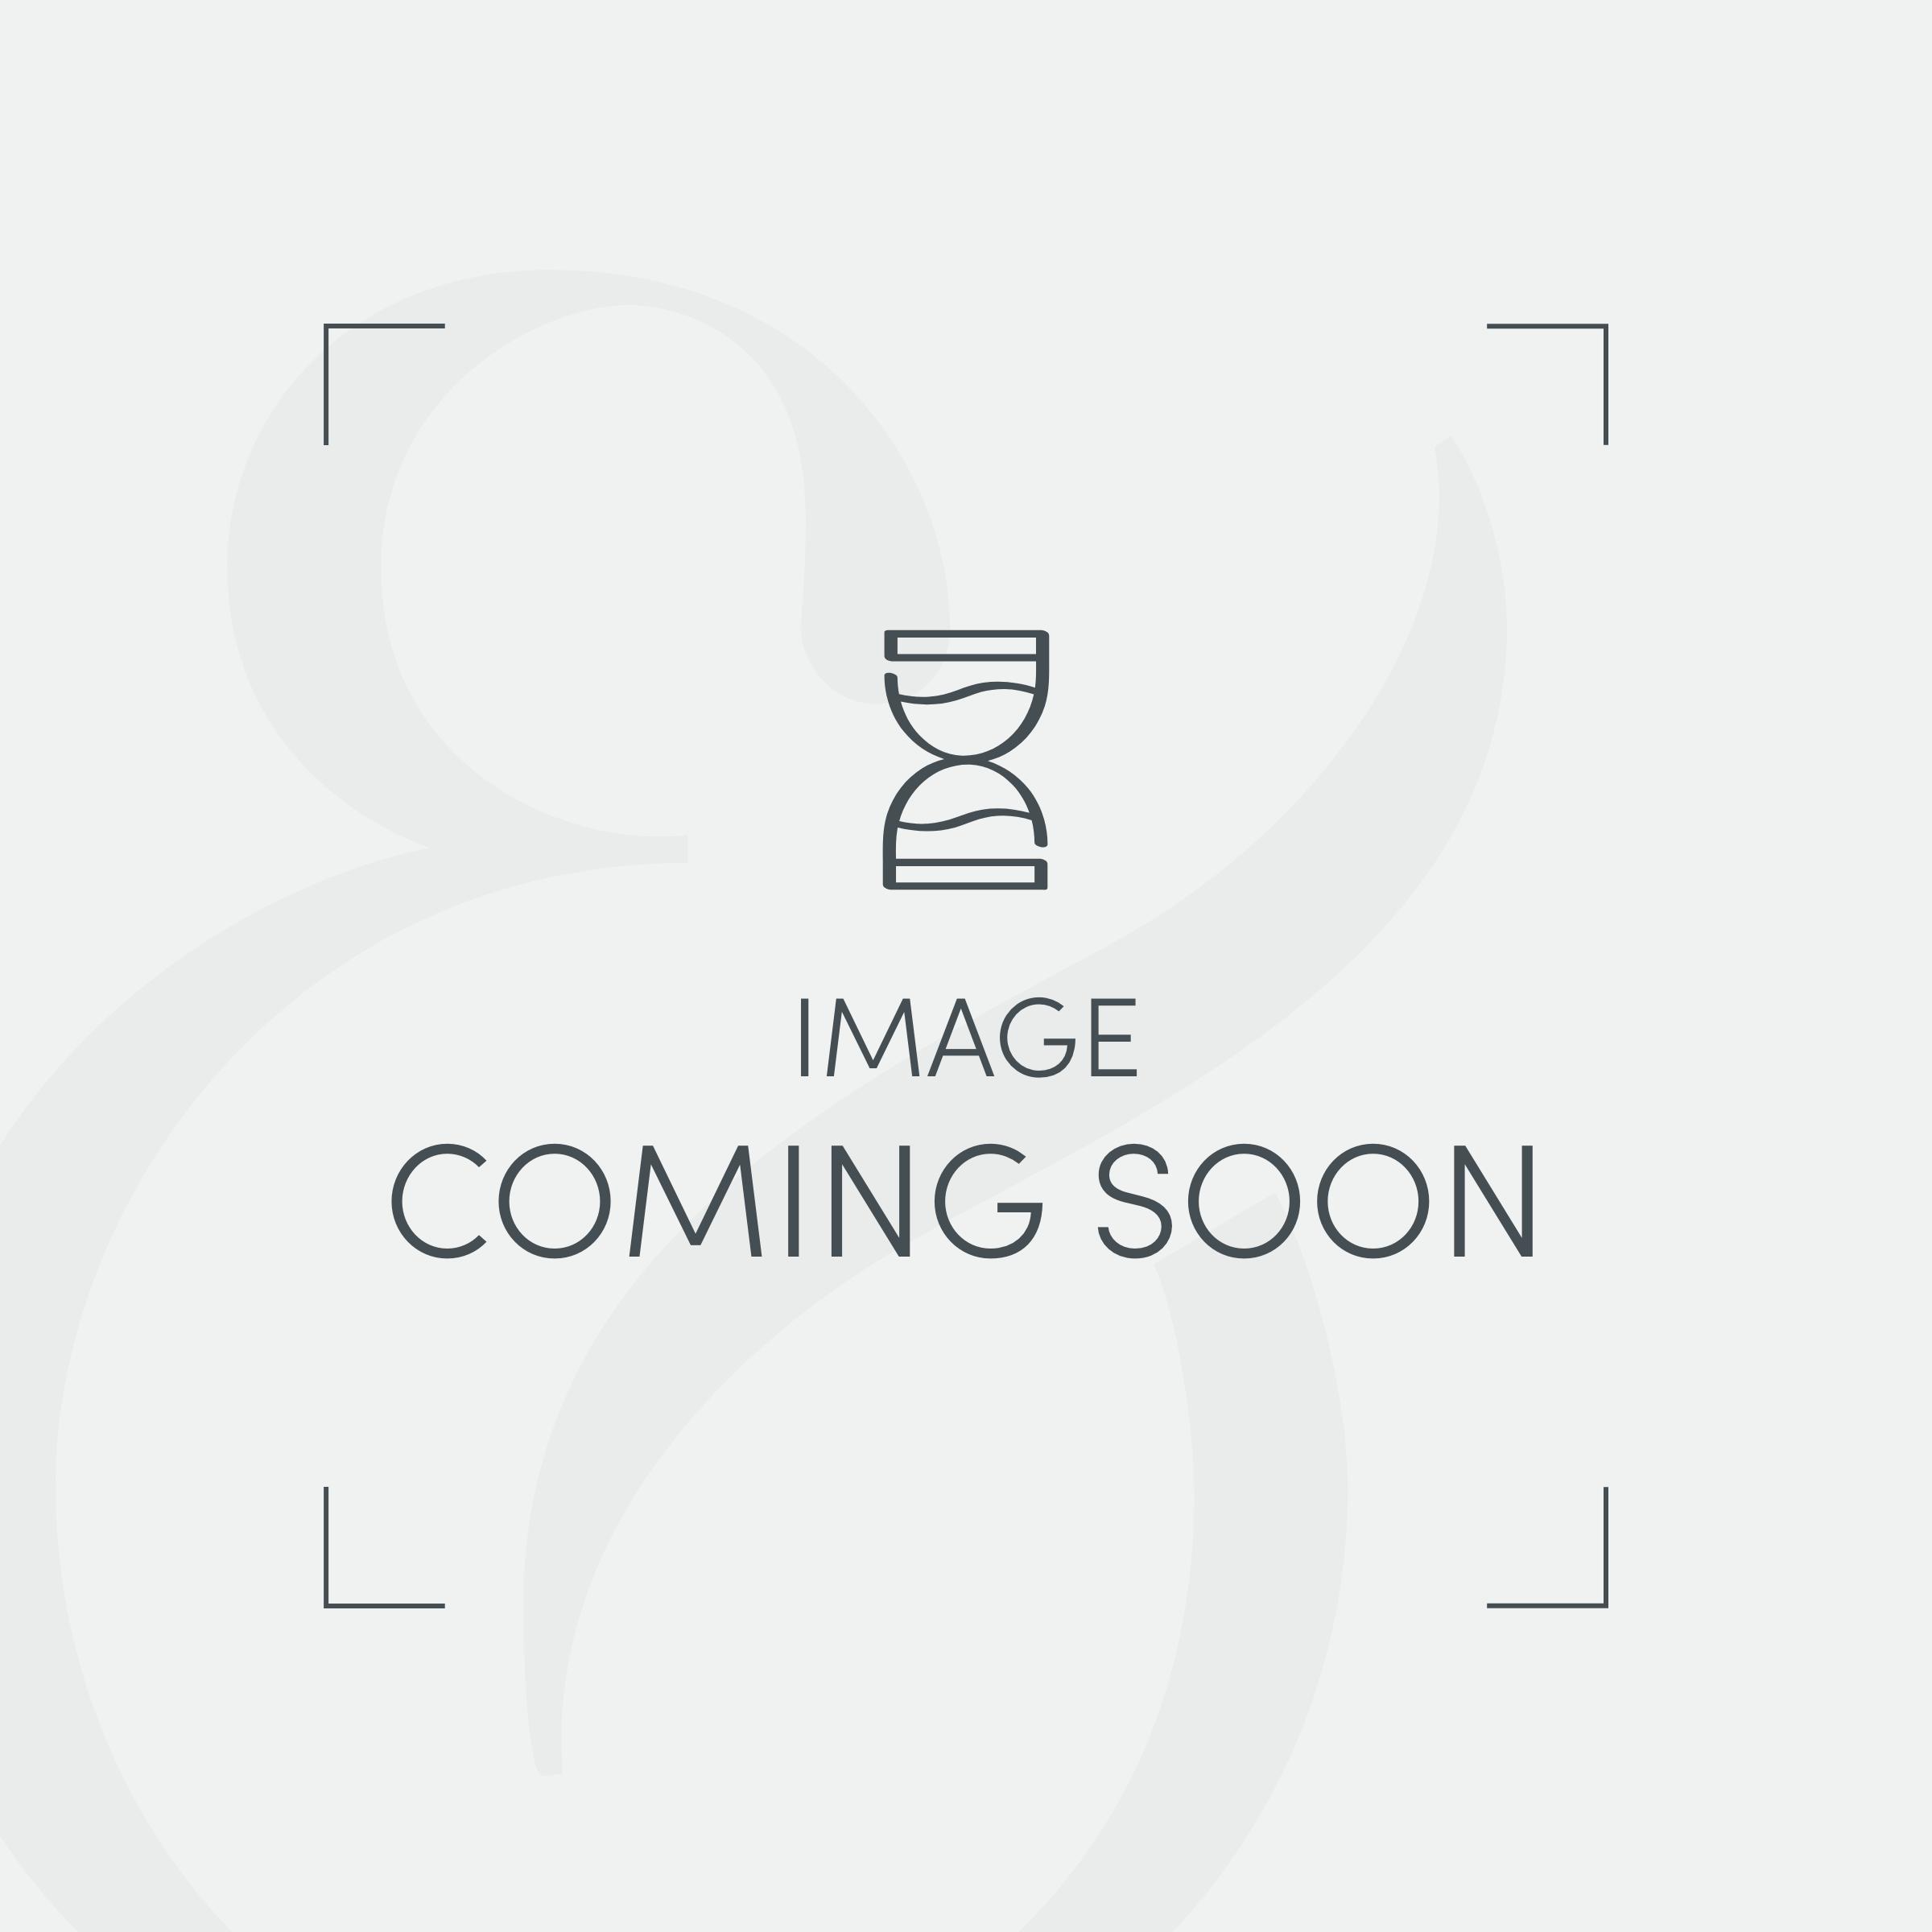 300TC Soft & Cool Easycare - King Duvet Cover - White